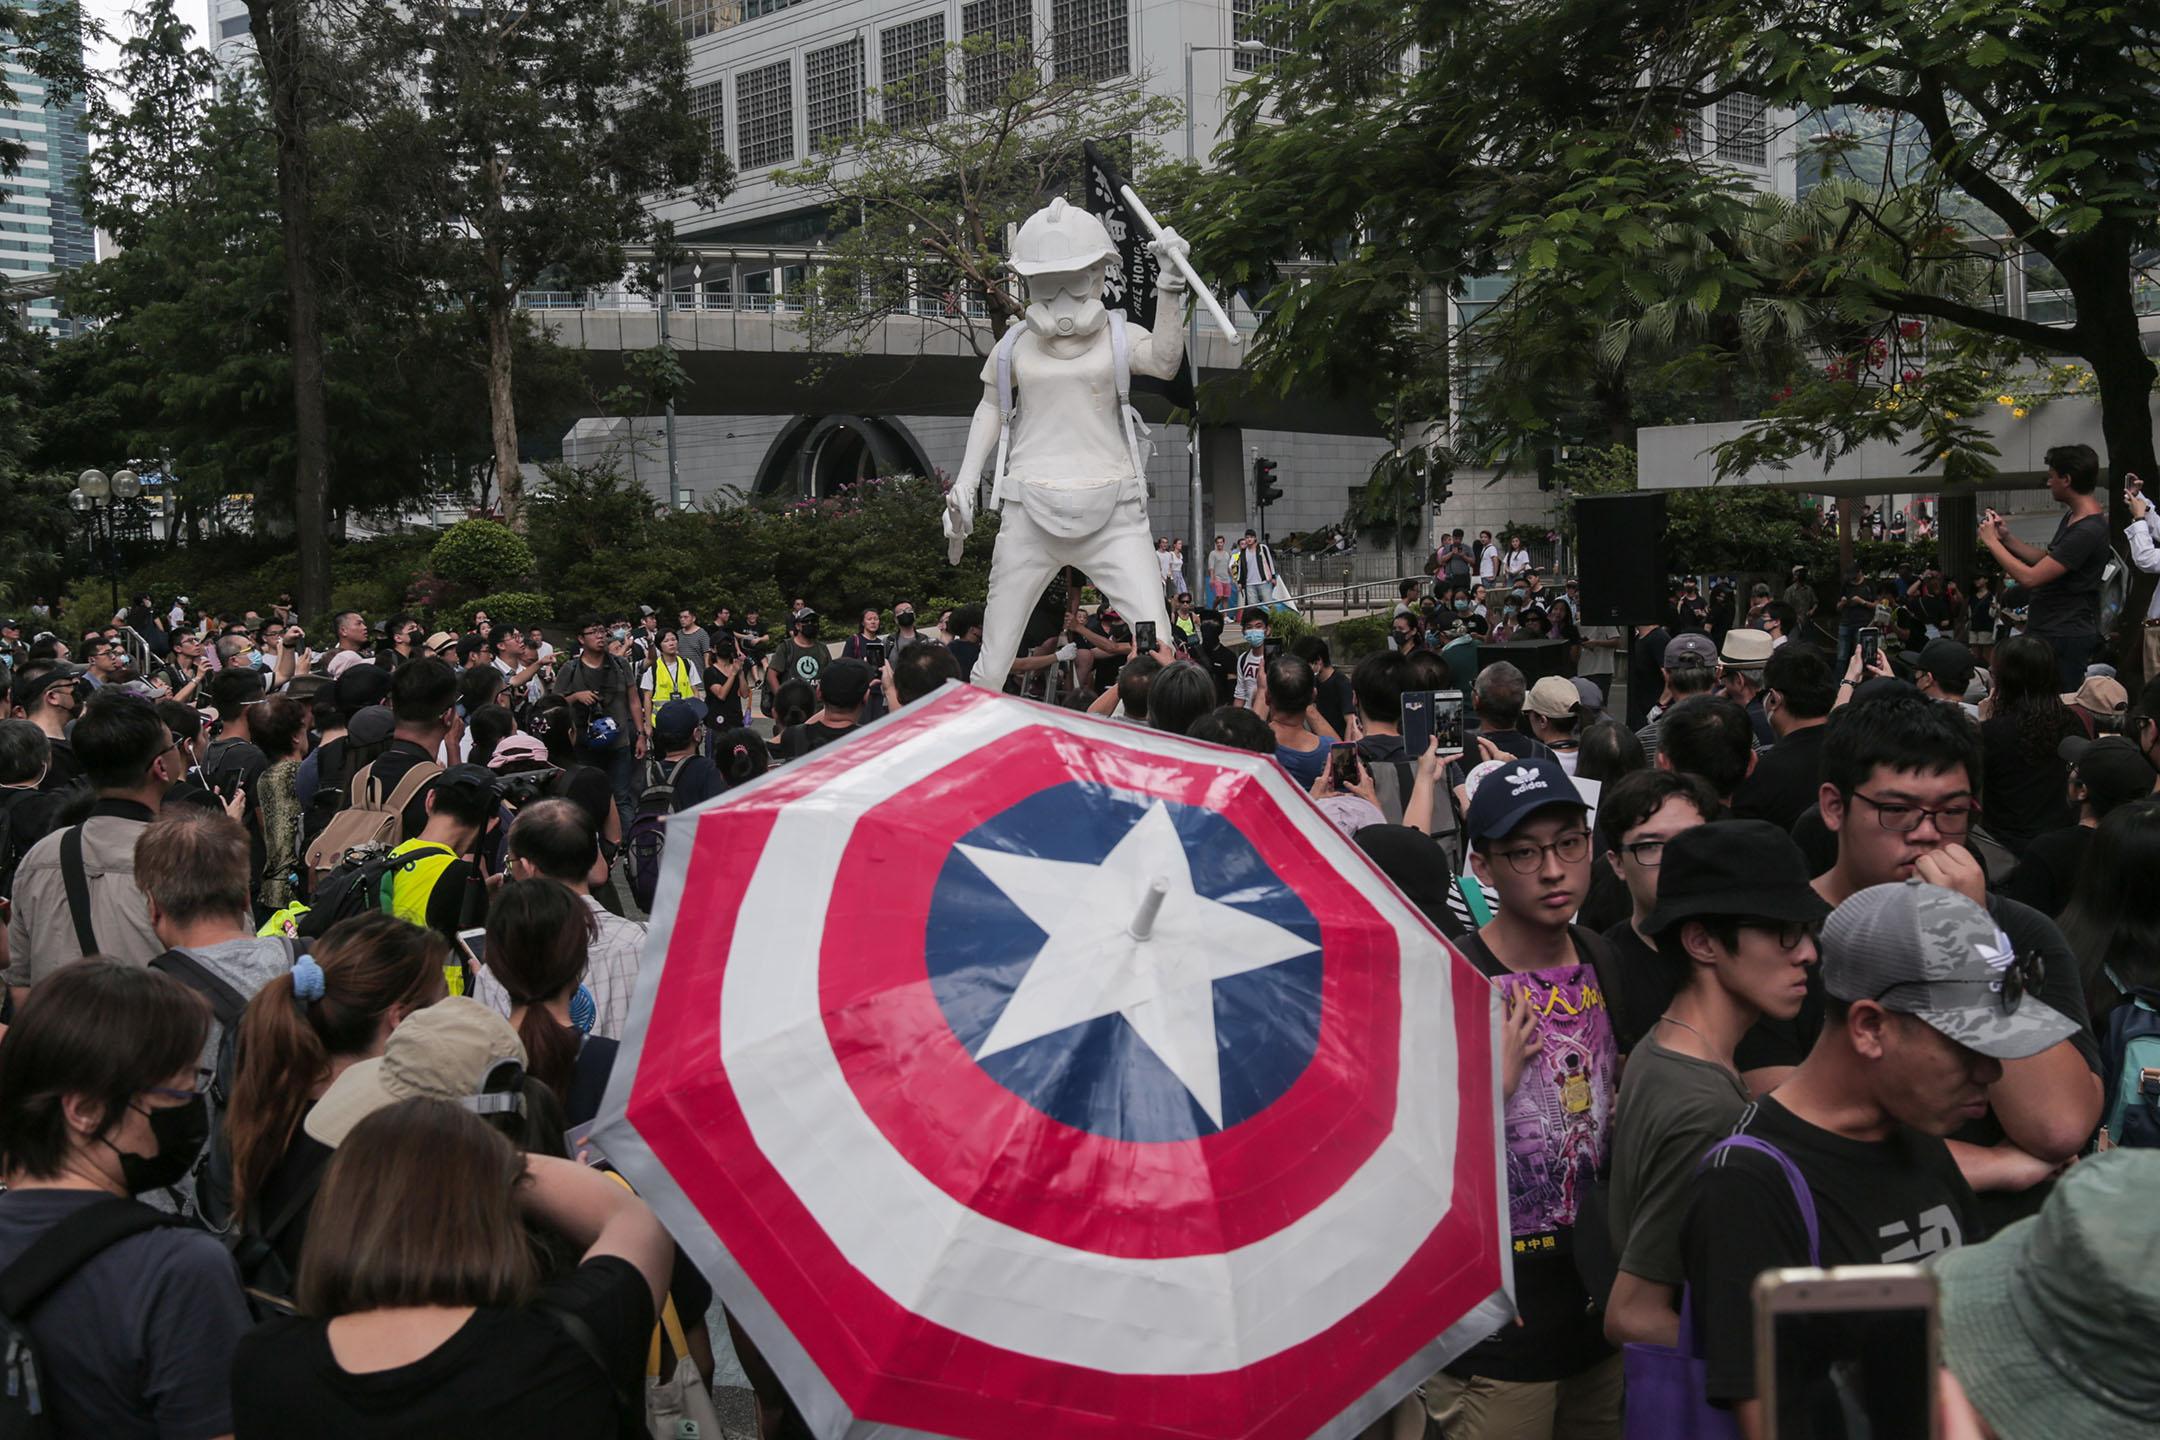 2019年9月8日,「香港民主女神像」在中環舉行的香港人權與民主祈禱會現場。